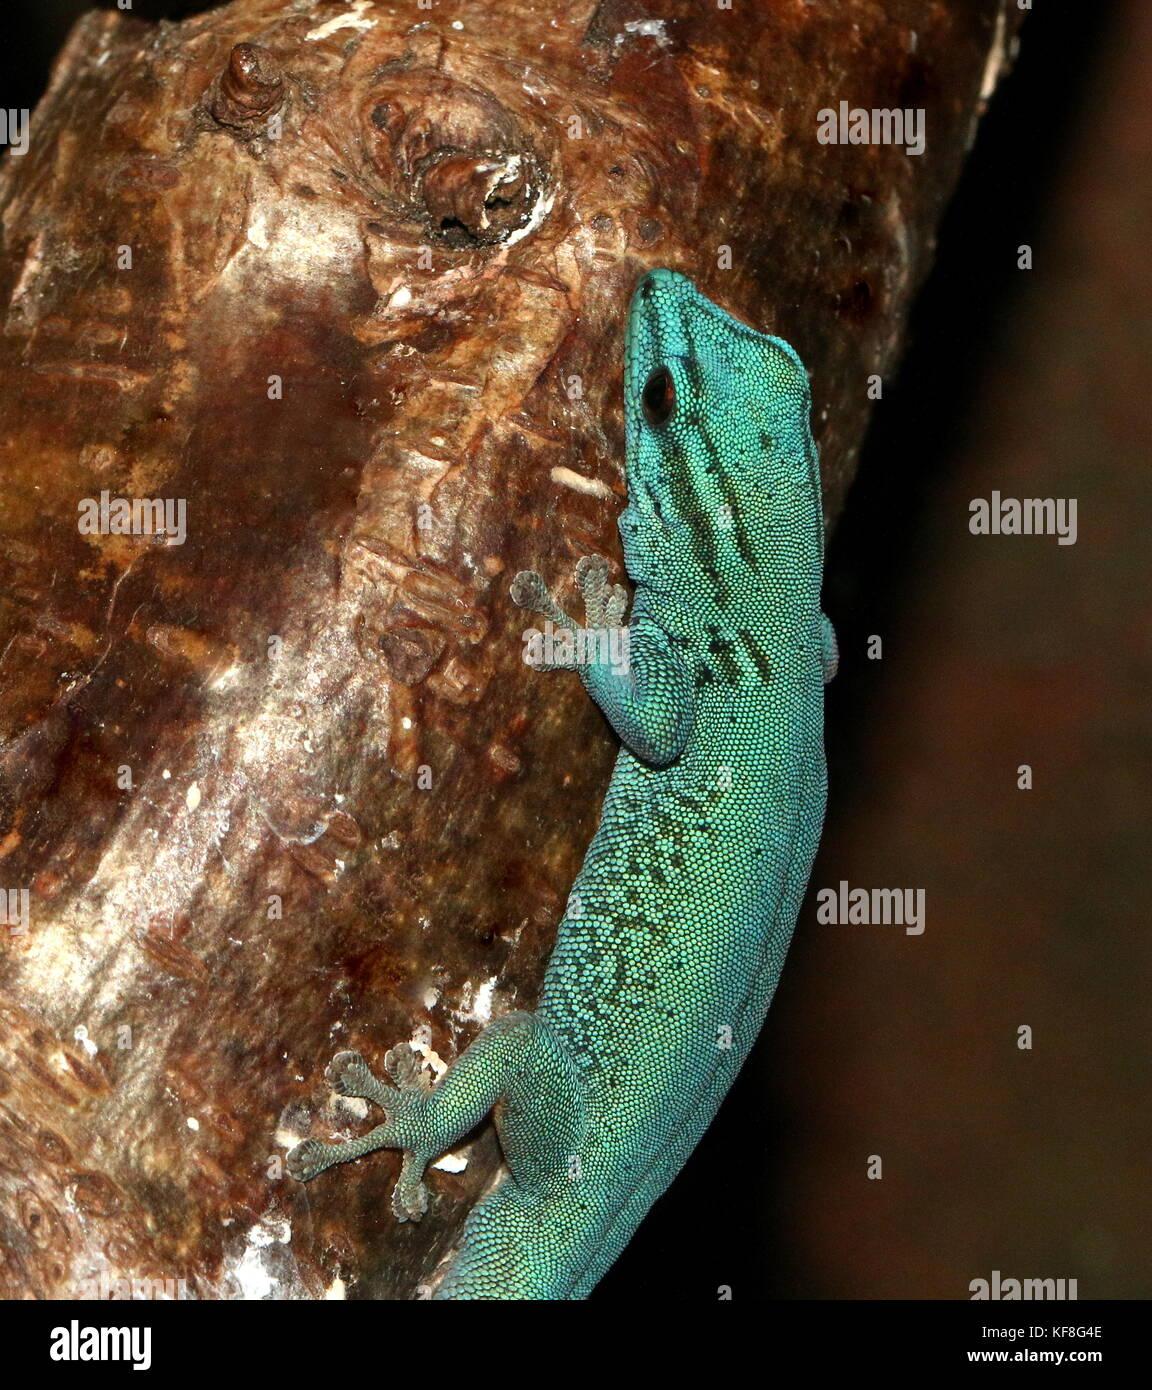 Tanzanian Turquoise Dwarf Gecko or William's dwarf gecko (Lygodactylus williamsi ), also Electric Blue Gecko Stock Photo